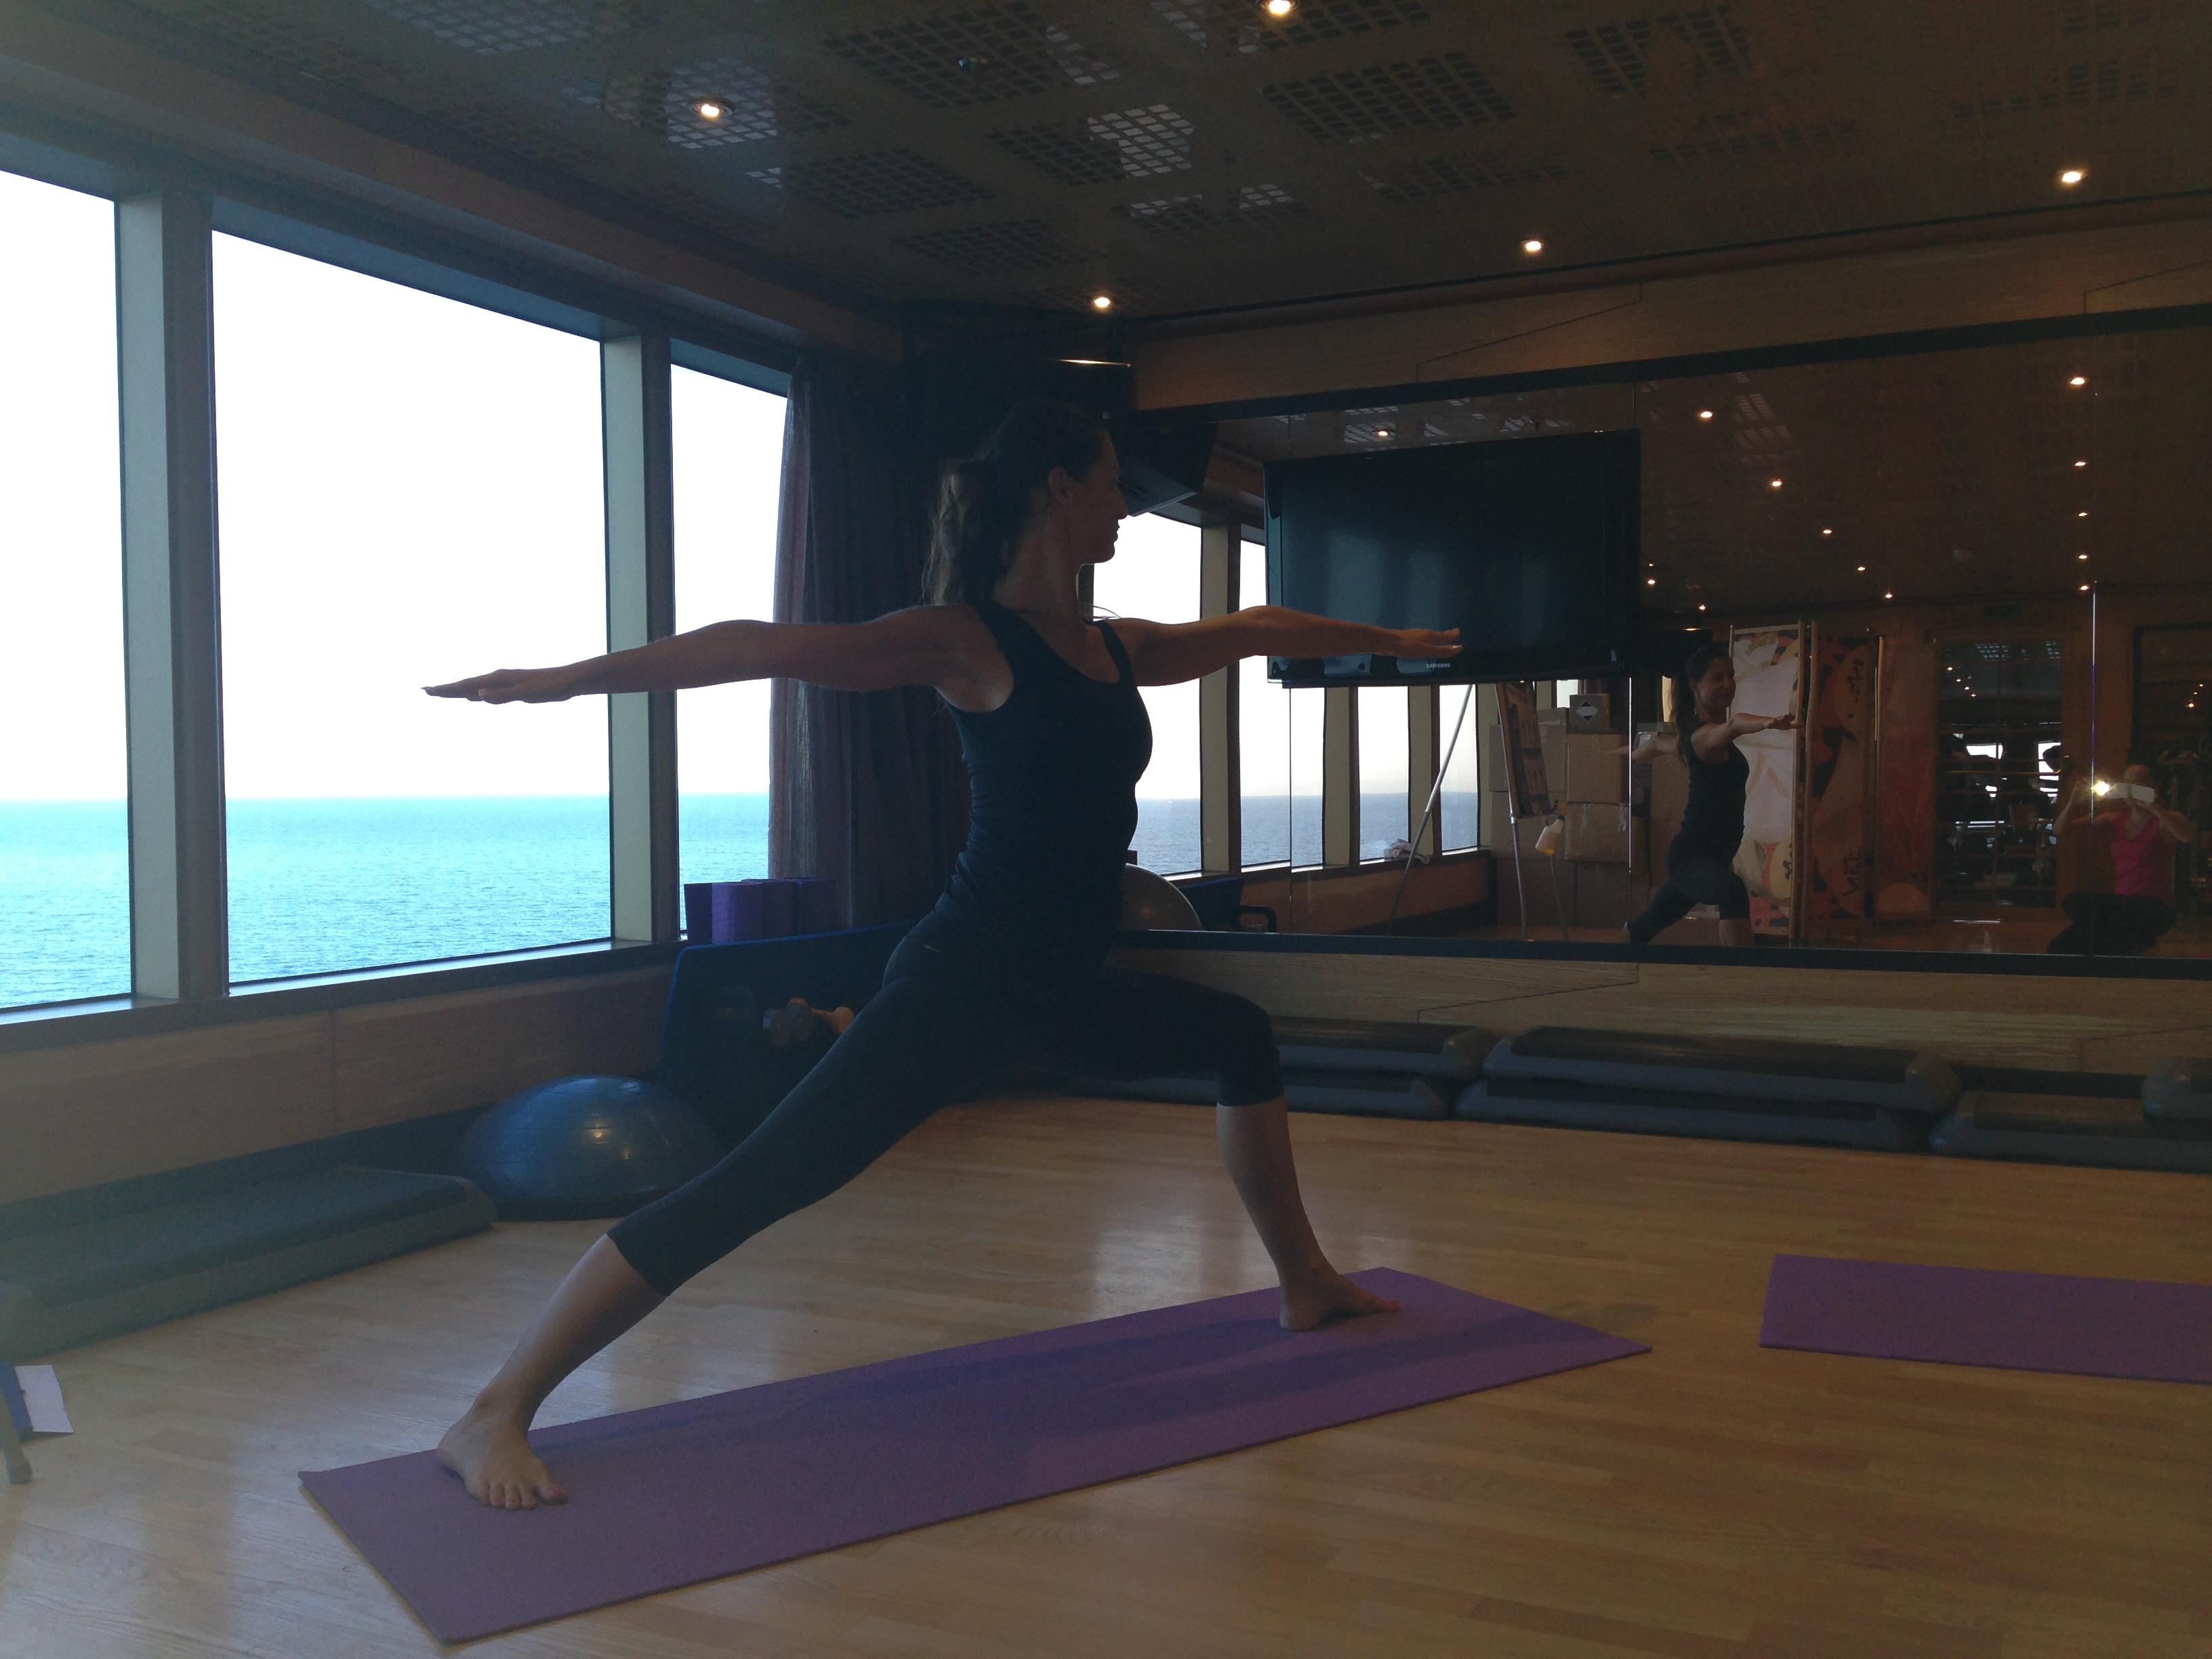 Yogaraum Gestalten yogaraum gestalten hausdesign pro